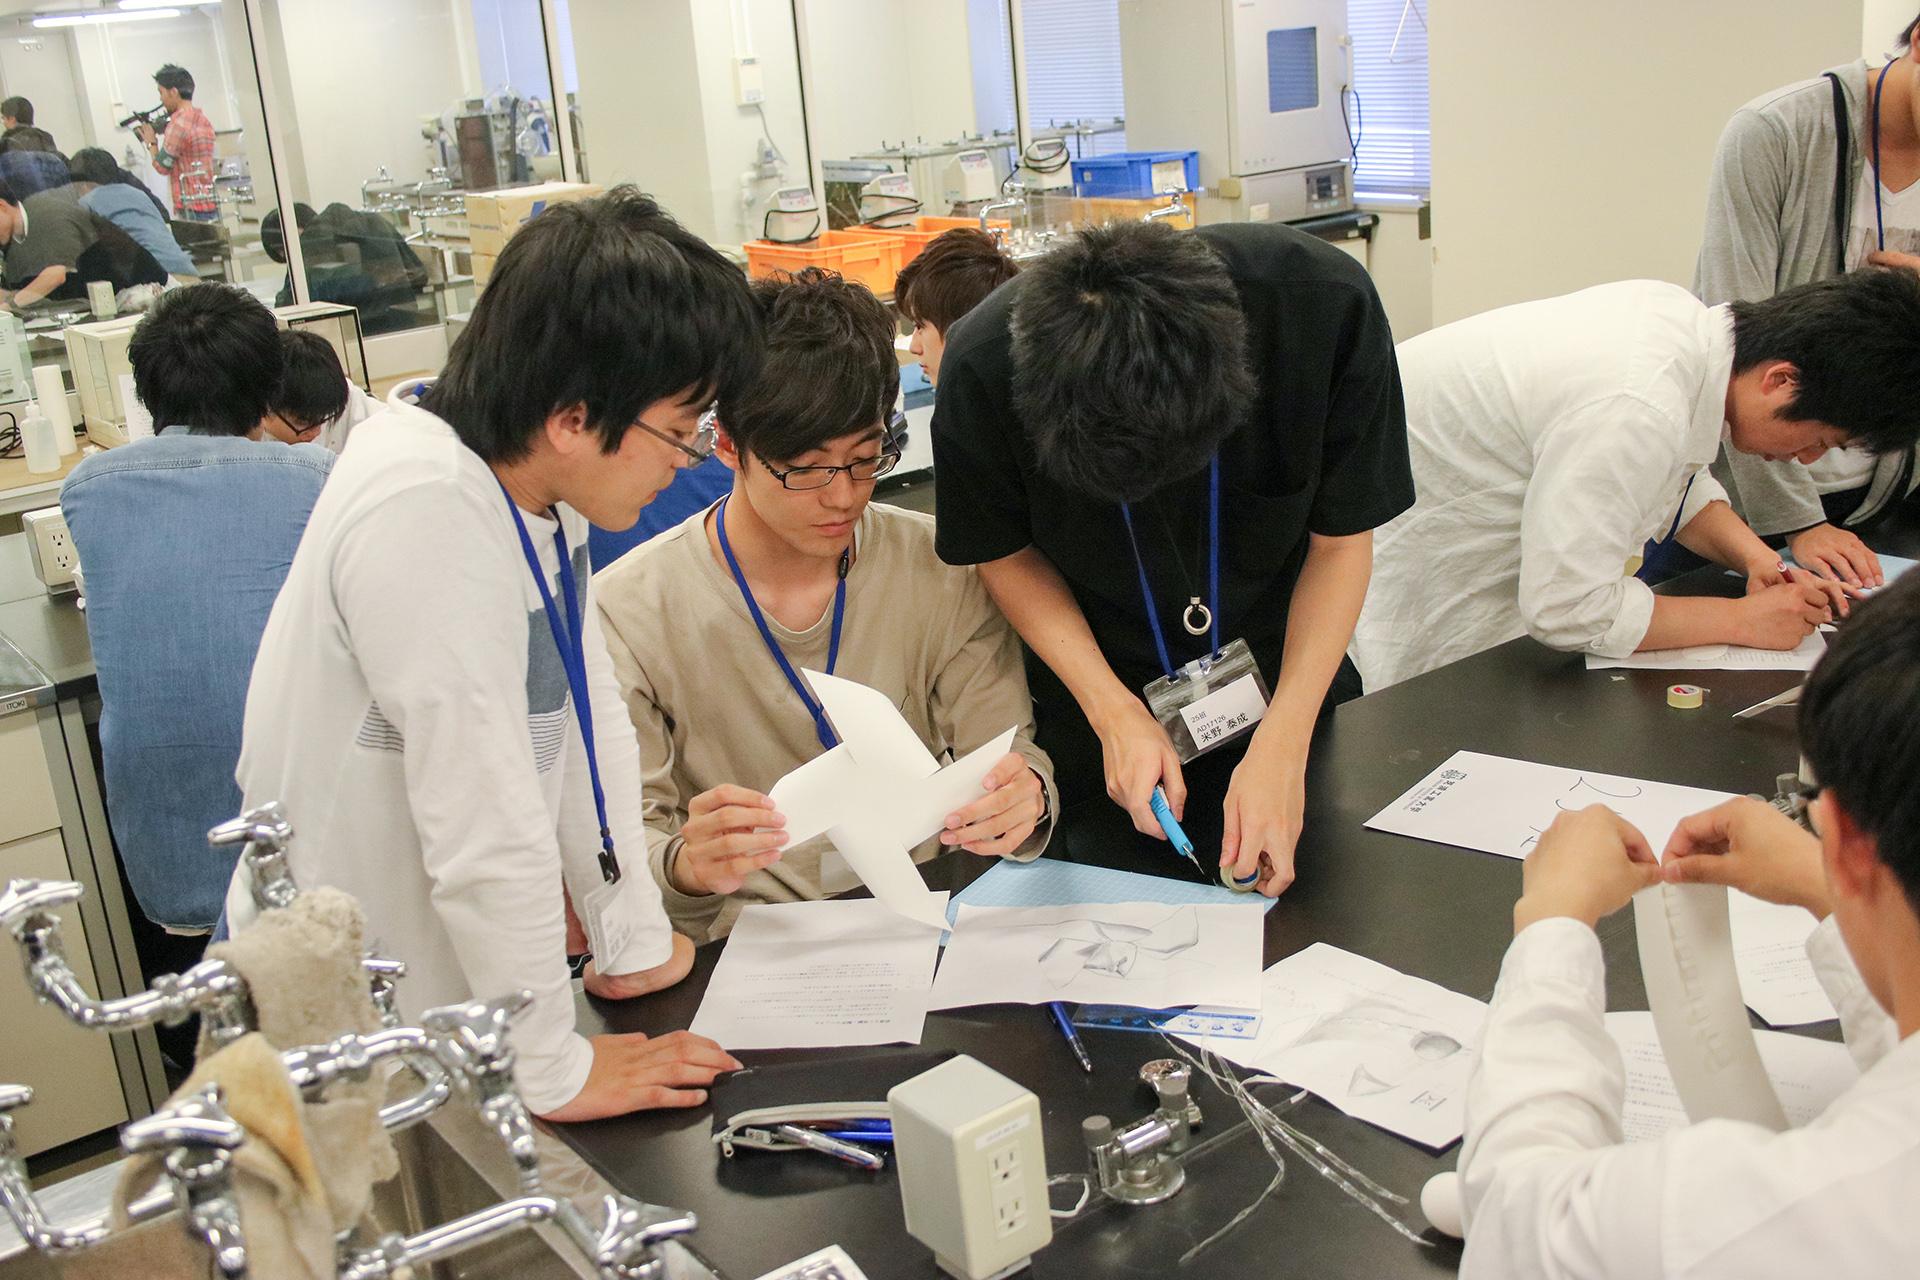 芝浦工業大学 -- プロの技術者に挑め!台湾の学生と協働で「たまご落とし」&「氷溶かし」に挑戦 ~40m落下の衝撃吸収容器&氷3.5kgを速く溶かす器具をつくる~